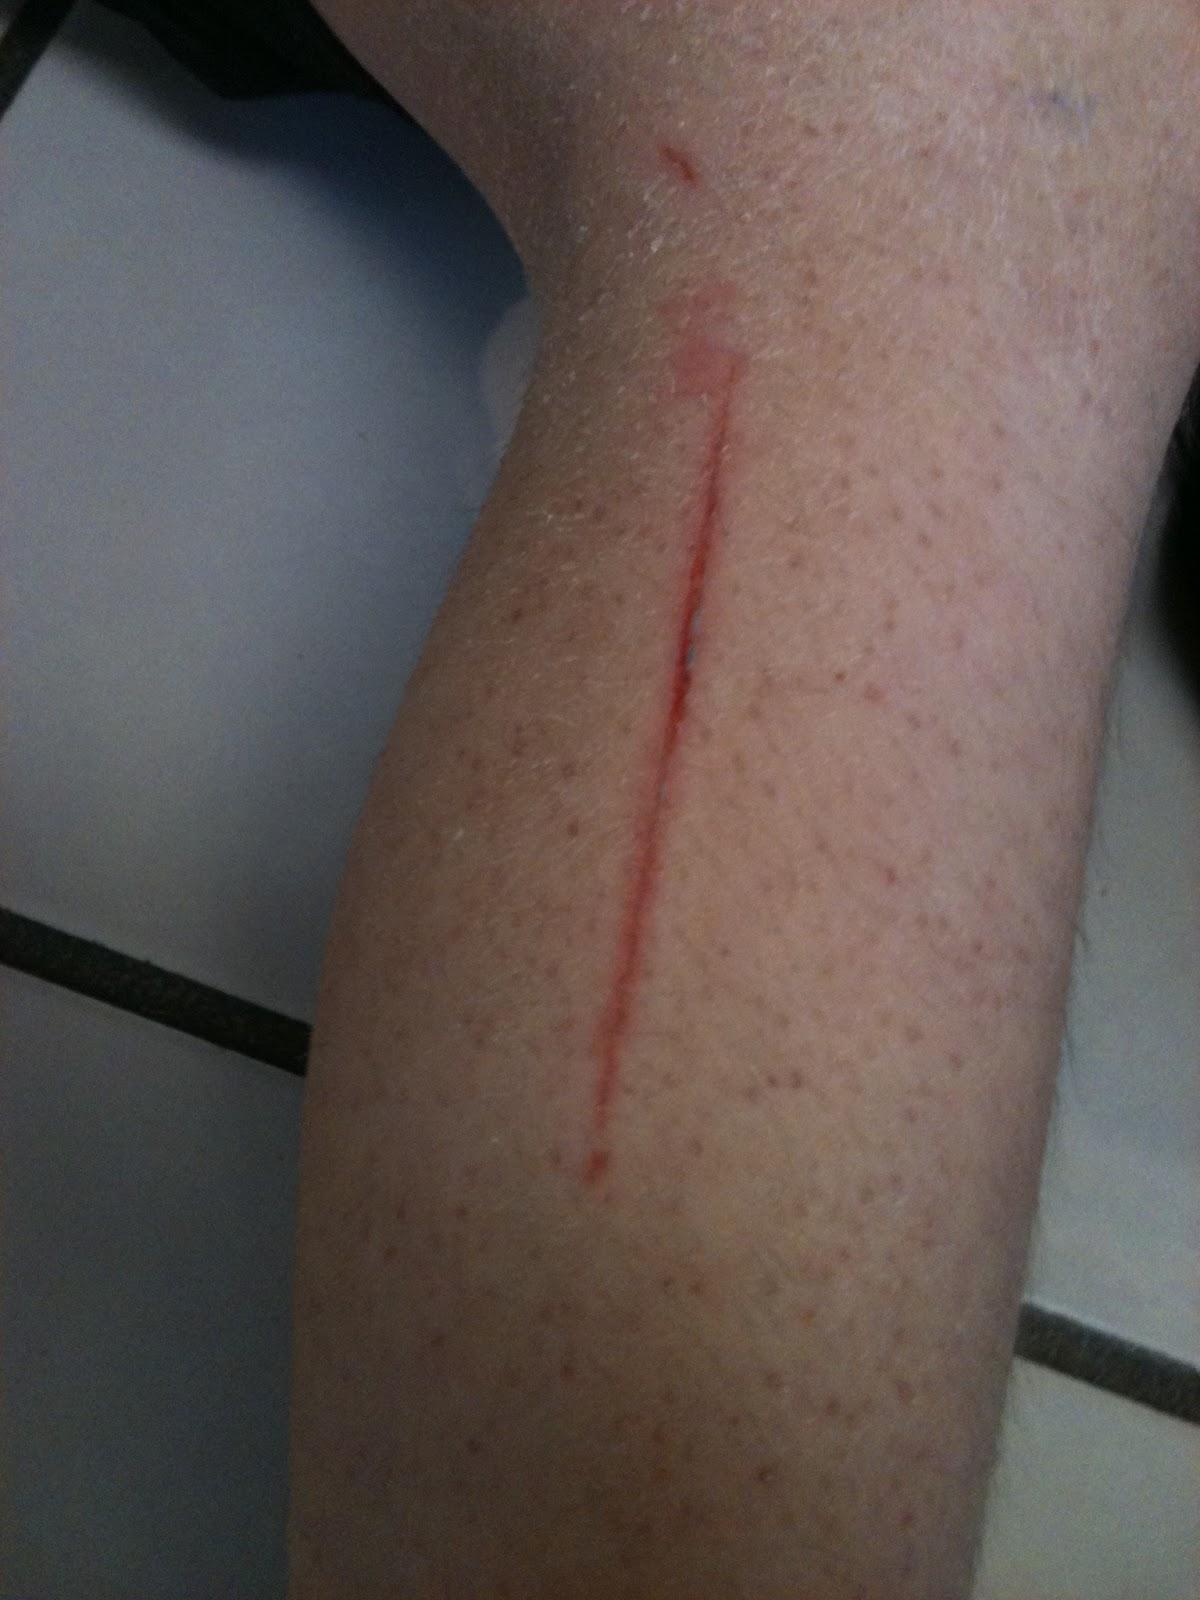 Bleeding cut on leg